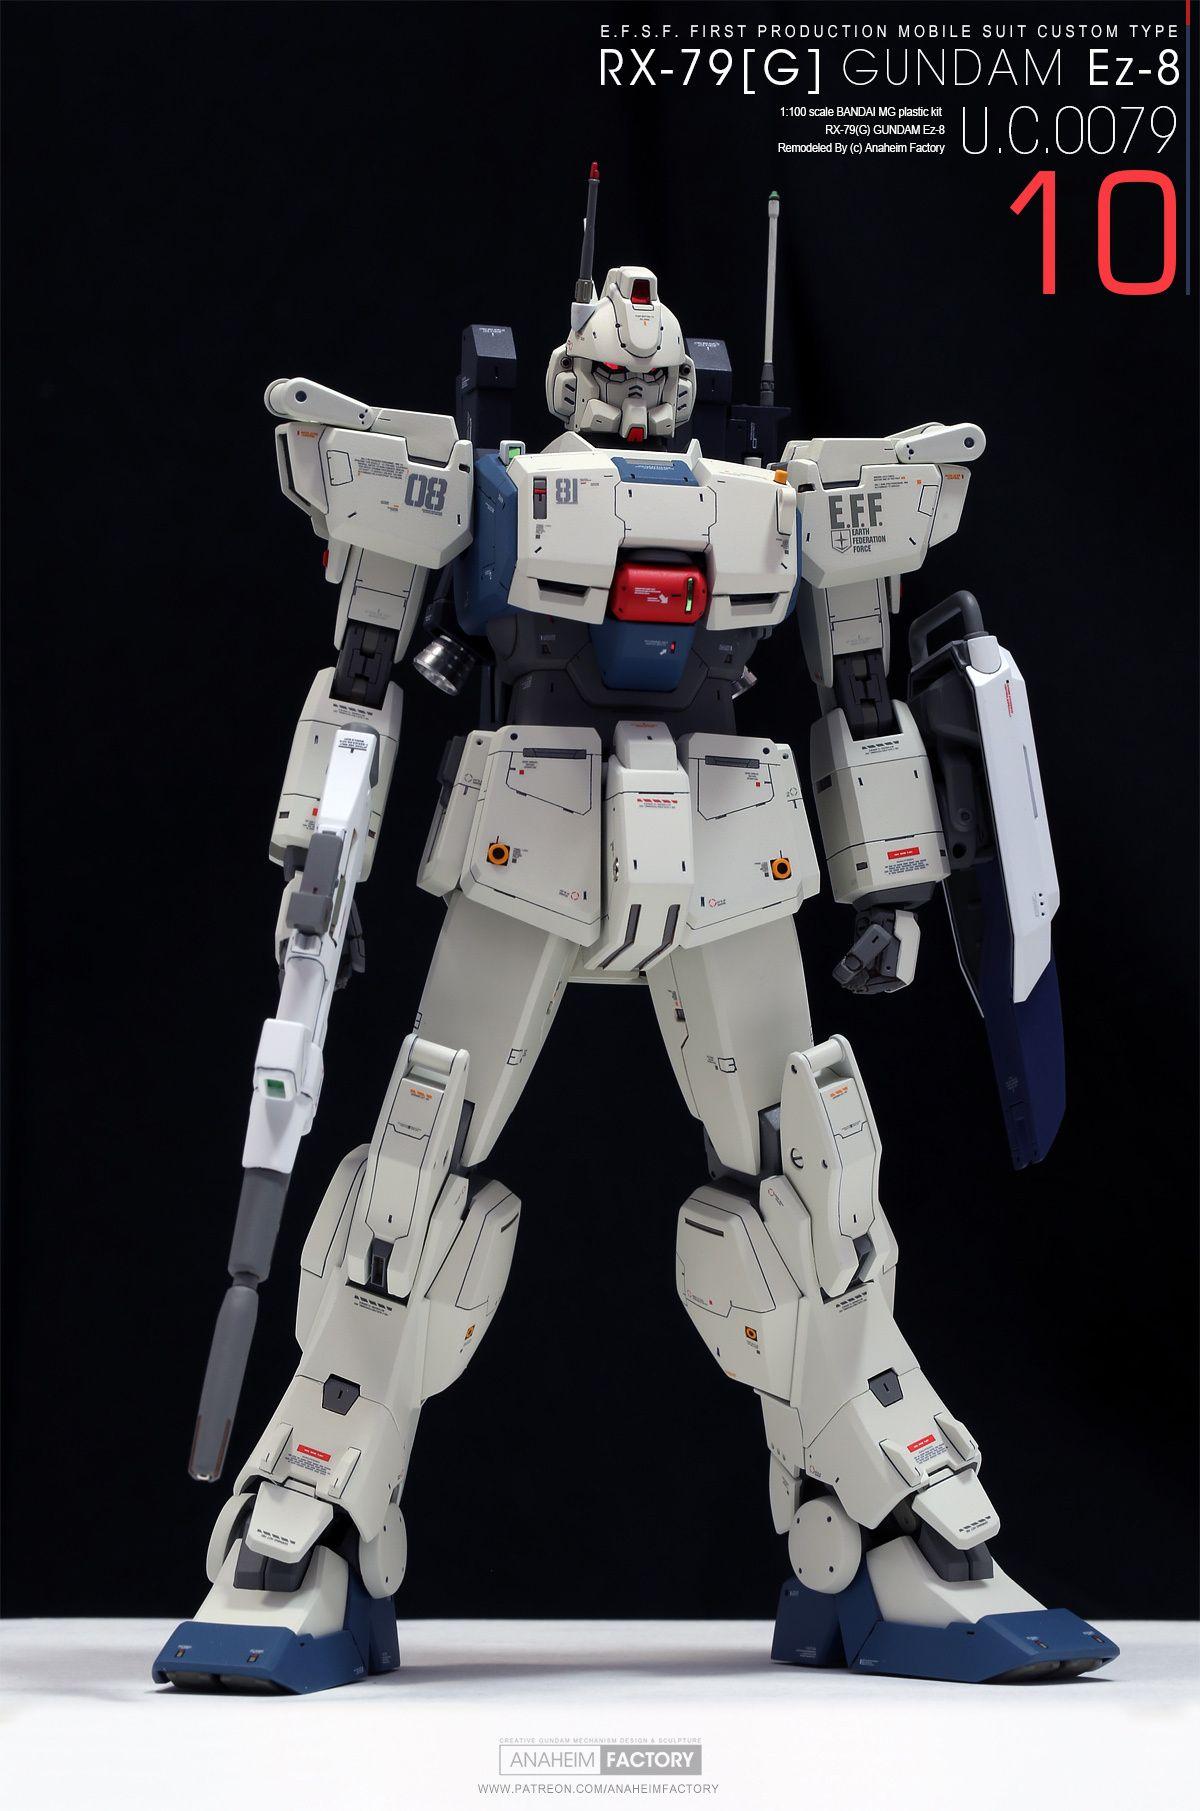 10 [ROLL OUT] RX79[G] GUNDAM Ez8 Gundam, Gundam model